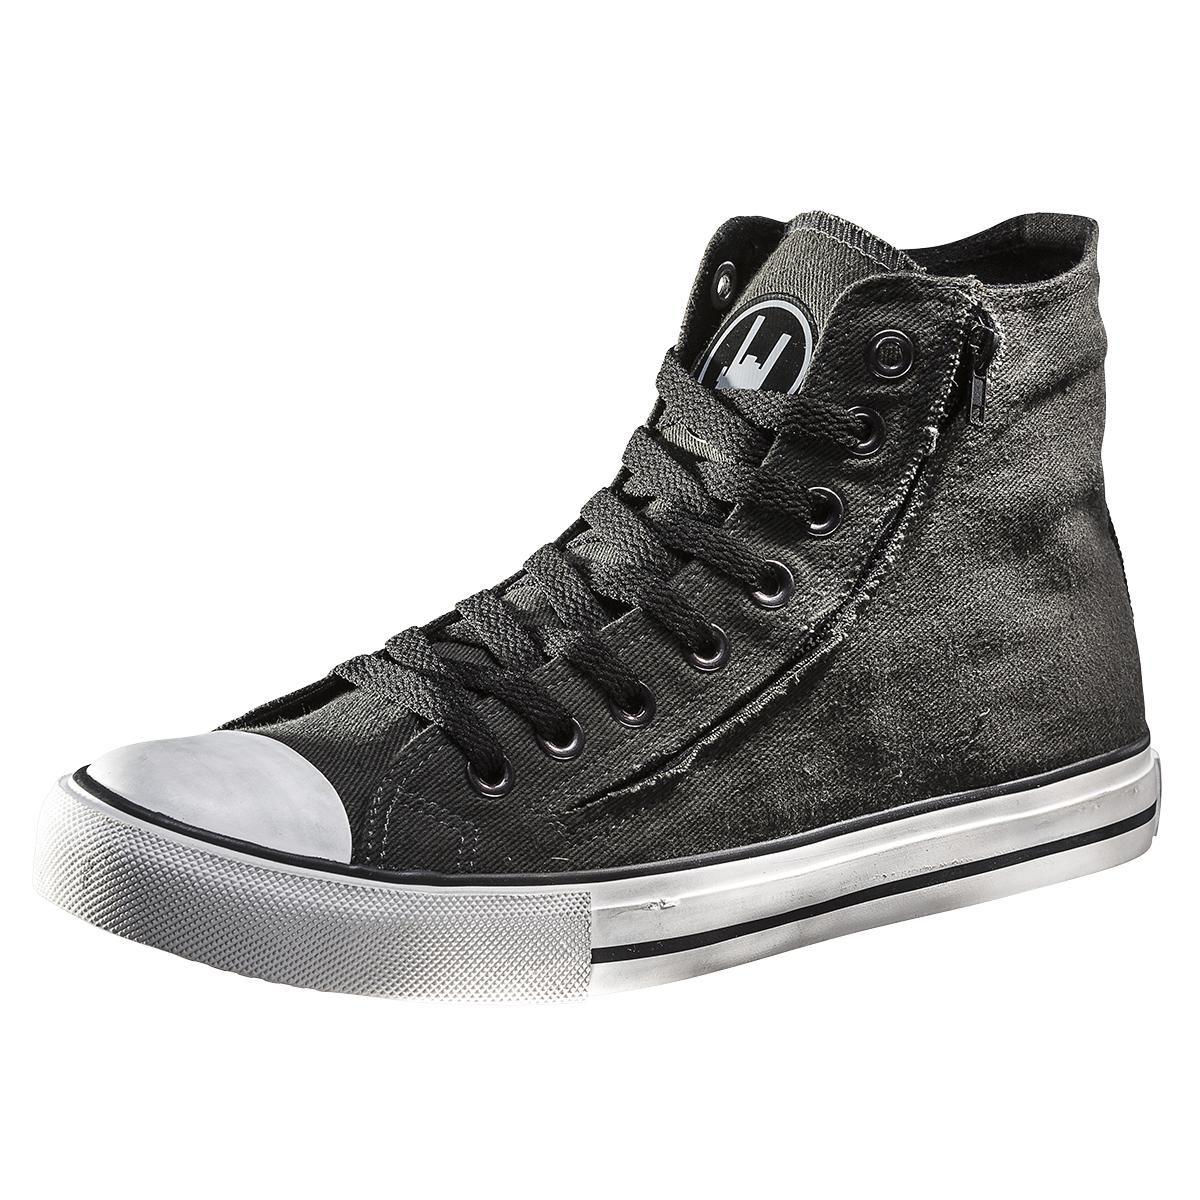 """Cooleimmat tennarit mitä markkinoilta löytyy - Black Premium by EMP """"Zip Sneaker"""": http://www.emp.fi/black-premium-by-emp-zip-sneaker-tennarit/art_287525/?campaign=emp/fi/sm/pin/promotion/desk/15112014-287525"""